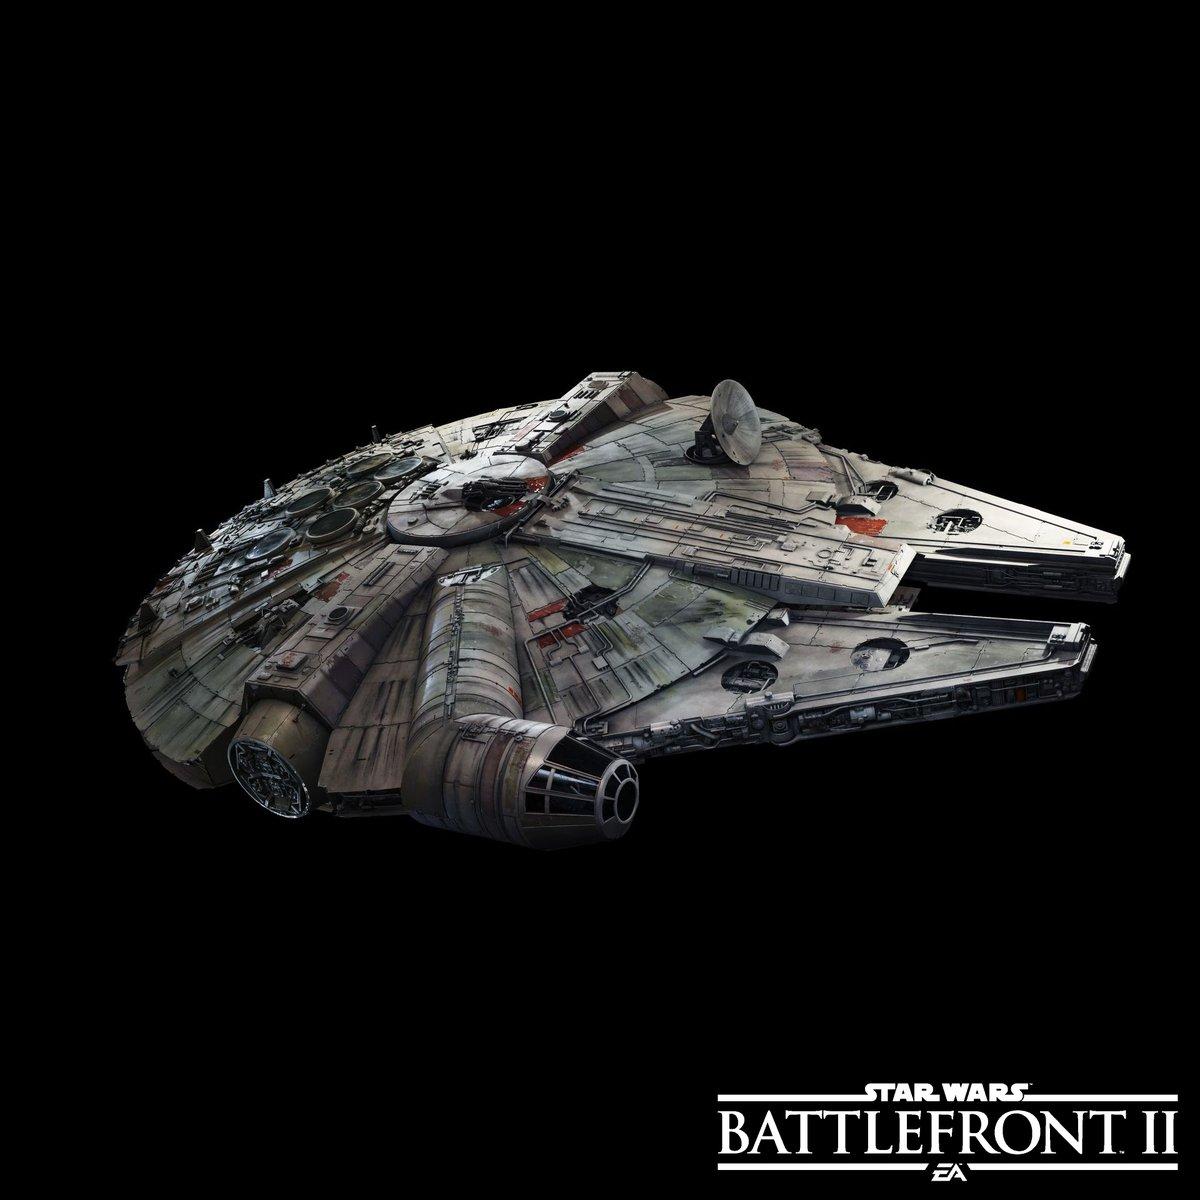 Han Solo and Chewbacca's Millennium Falcon